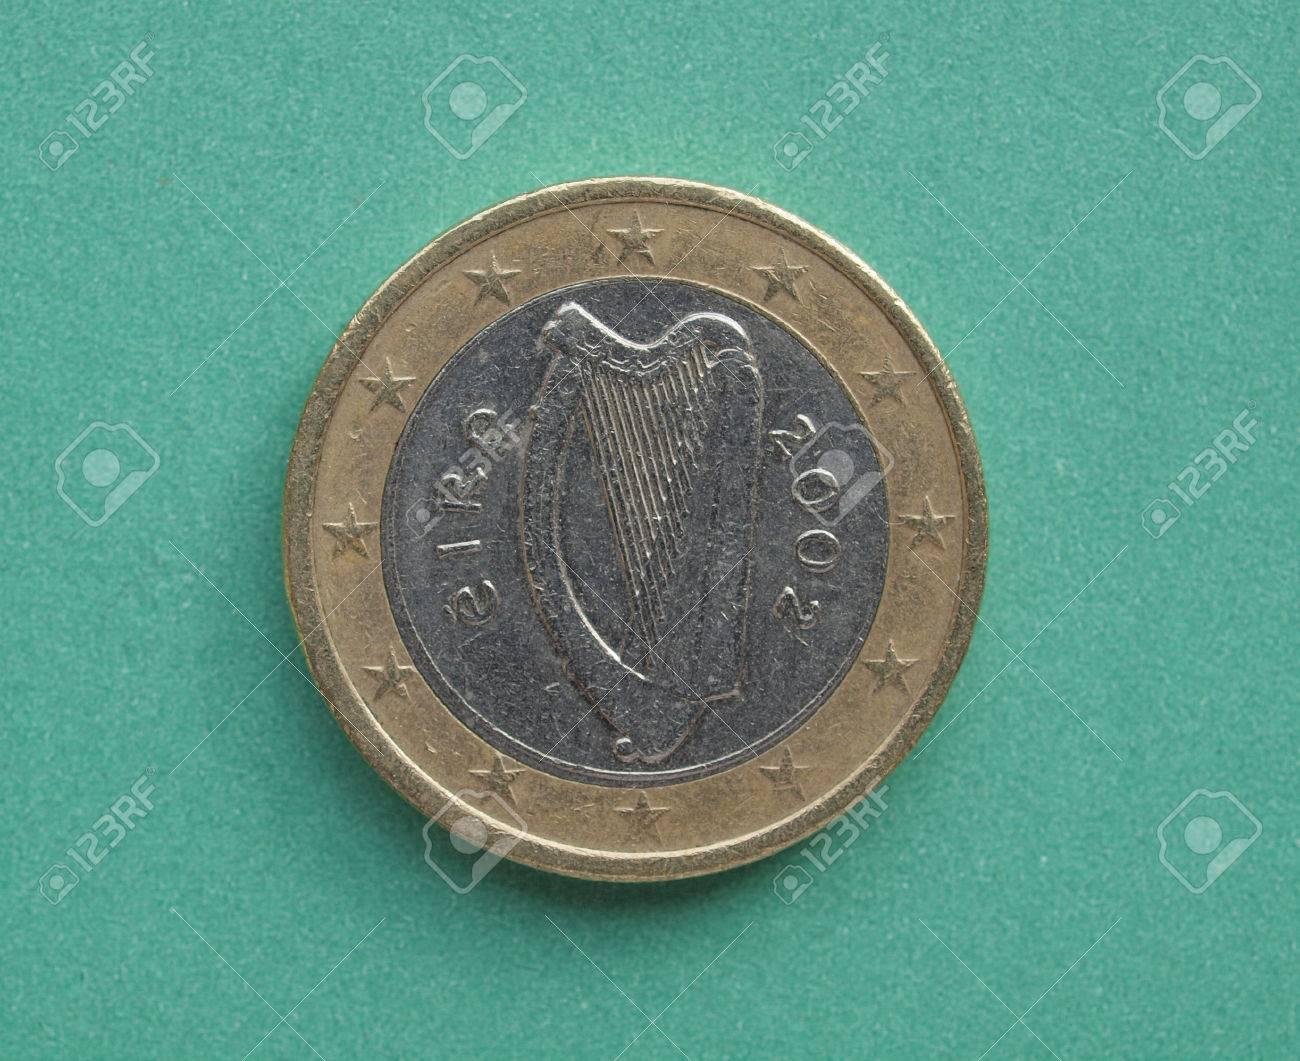 欧州連合のアイルランドの通貨か...